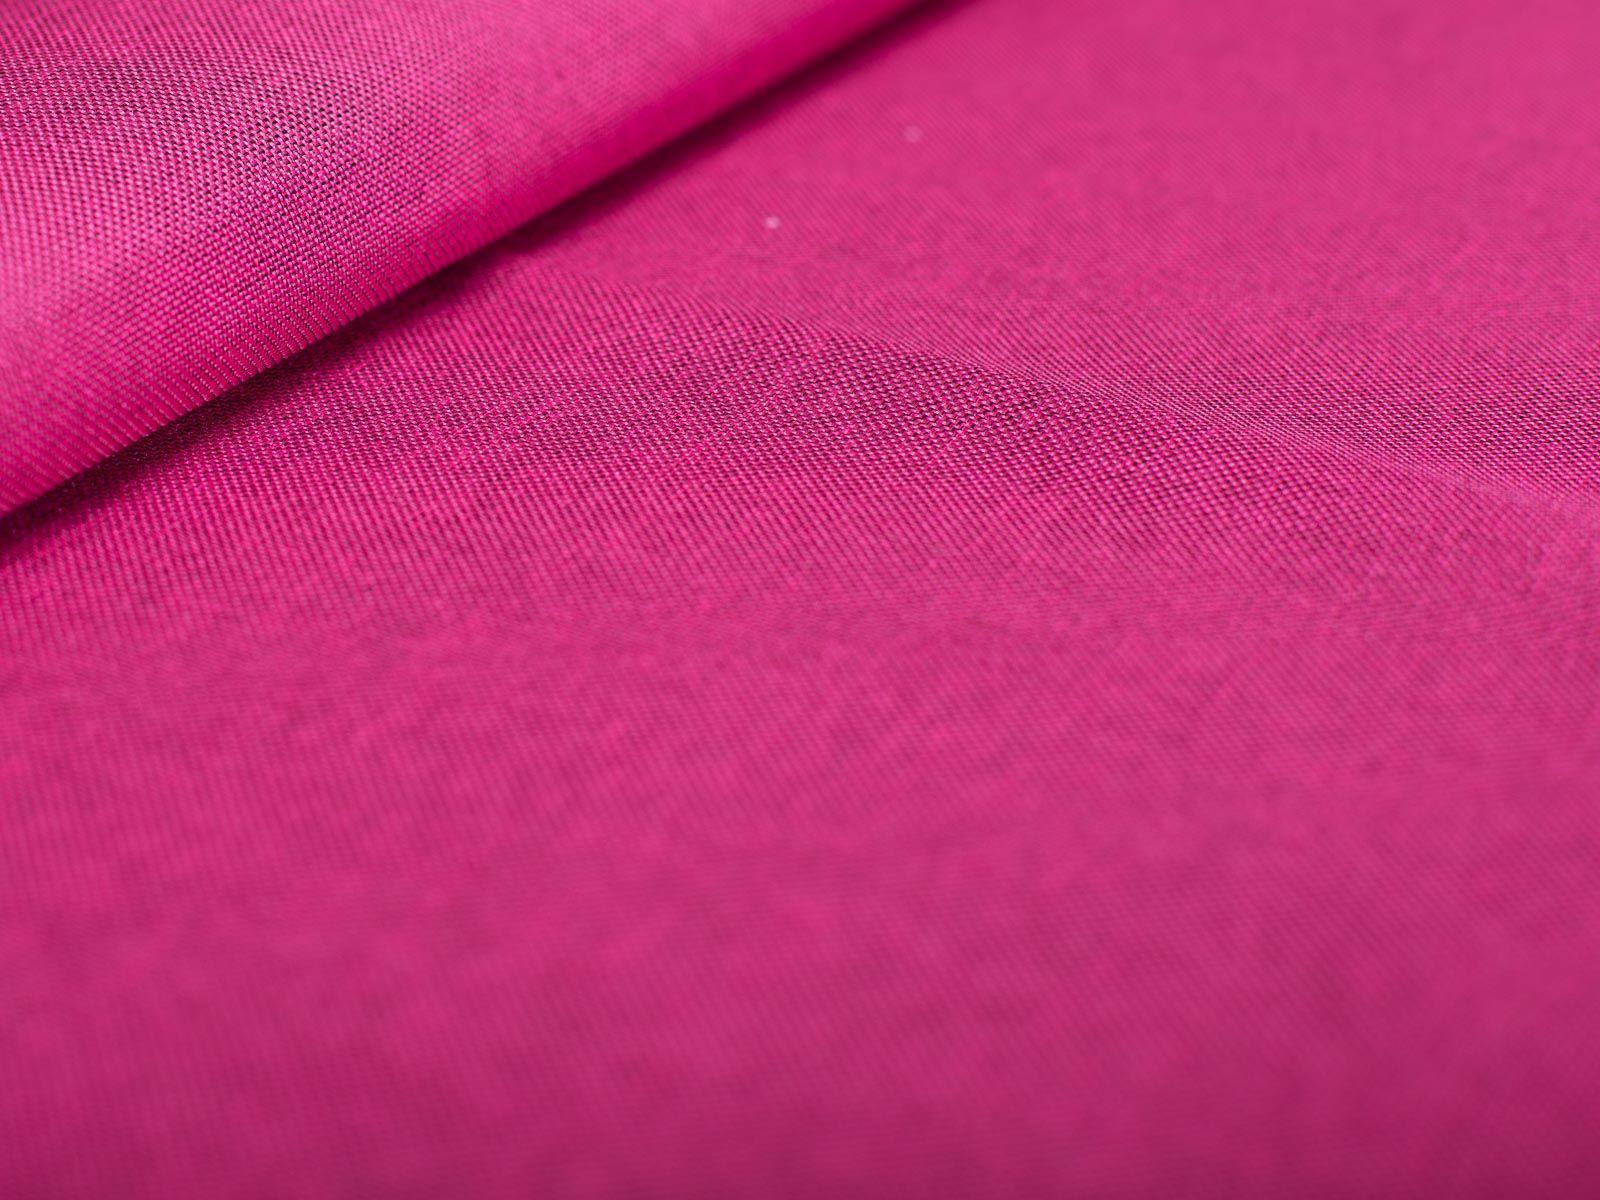 Wau-Donut Jeans Like Pink